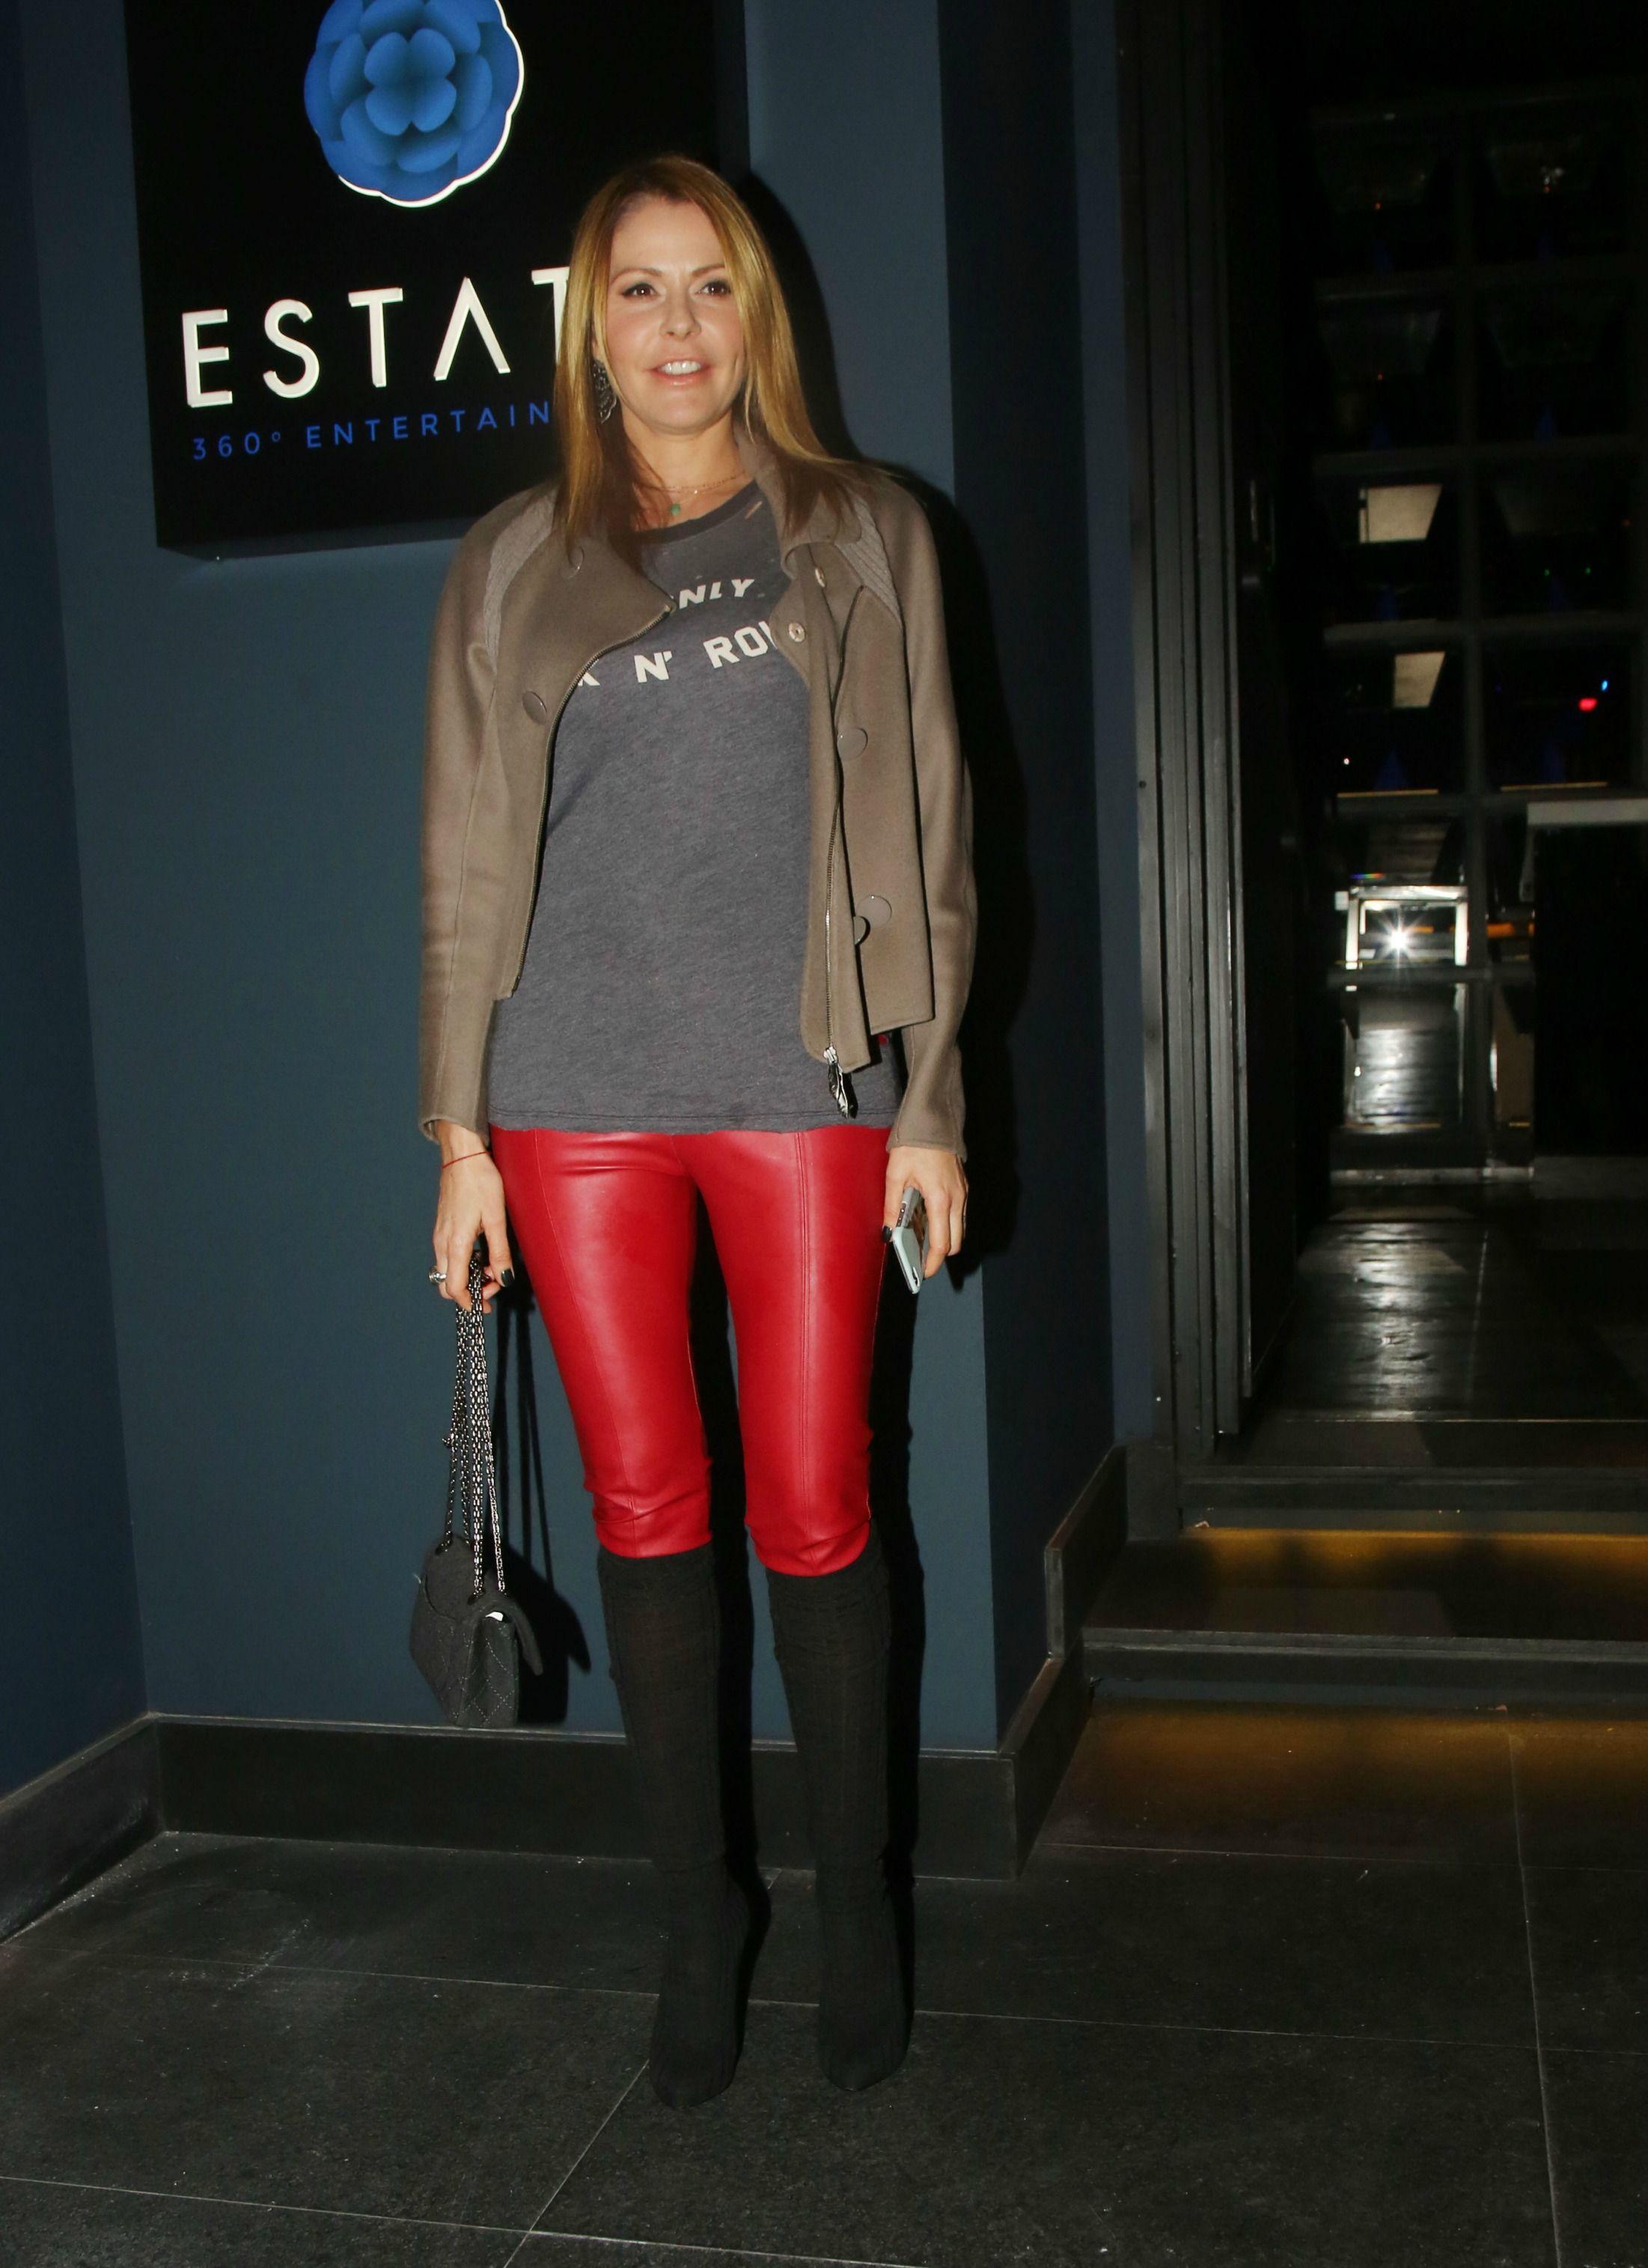 Τζένη Μπαλατσινού  Φόρεσε το πιο τέλειο κόκκινο παντελόνι!  e00307fa7dd